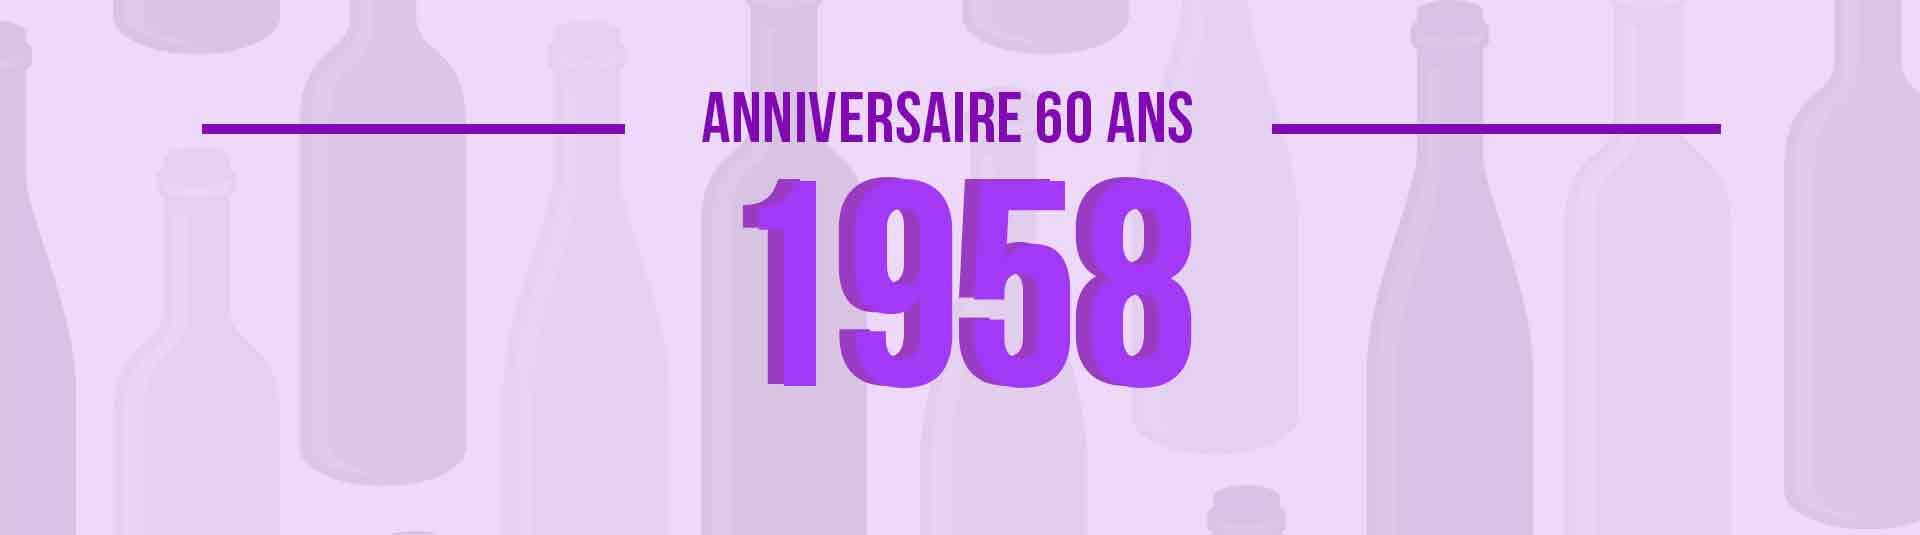 Vins de 1958 : cadeau d'anniversaire 60 ans